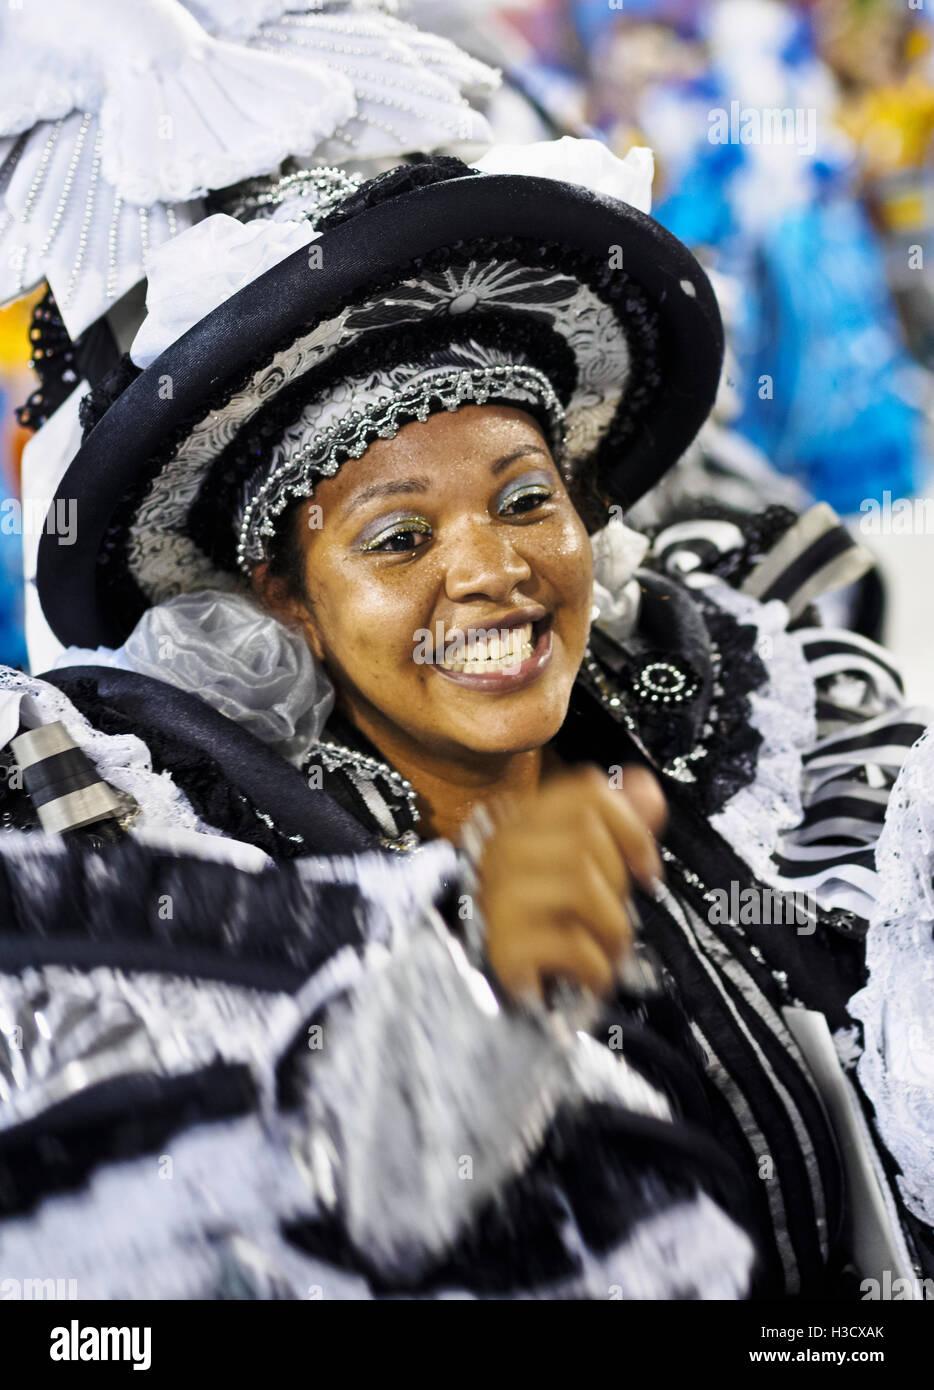 Brésil, État de Rio de Janeiro, ville de Rio de Janeiro, Samba Dancer dans le défilé du carnaval au Sambadrome Marques Banque D'Images